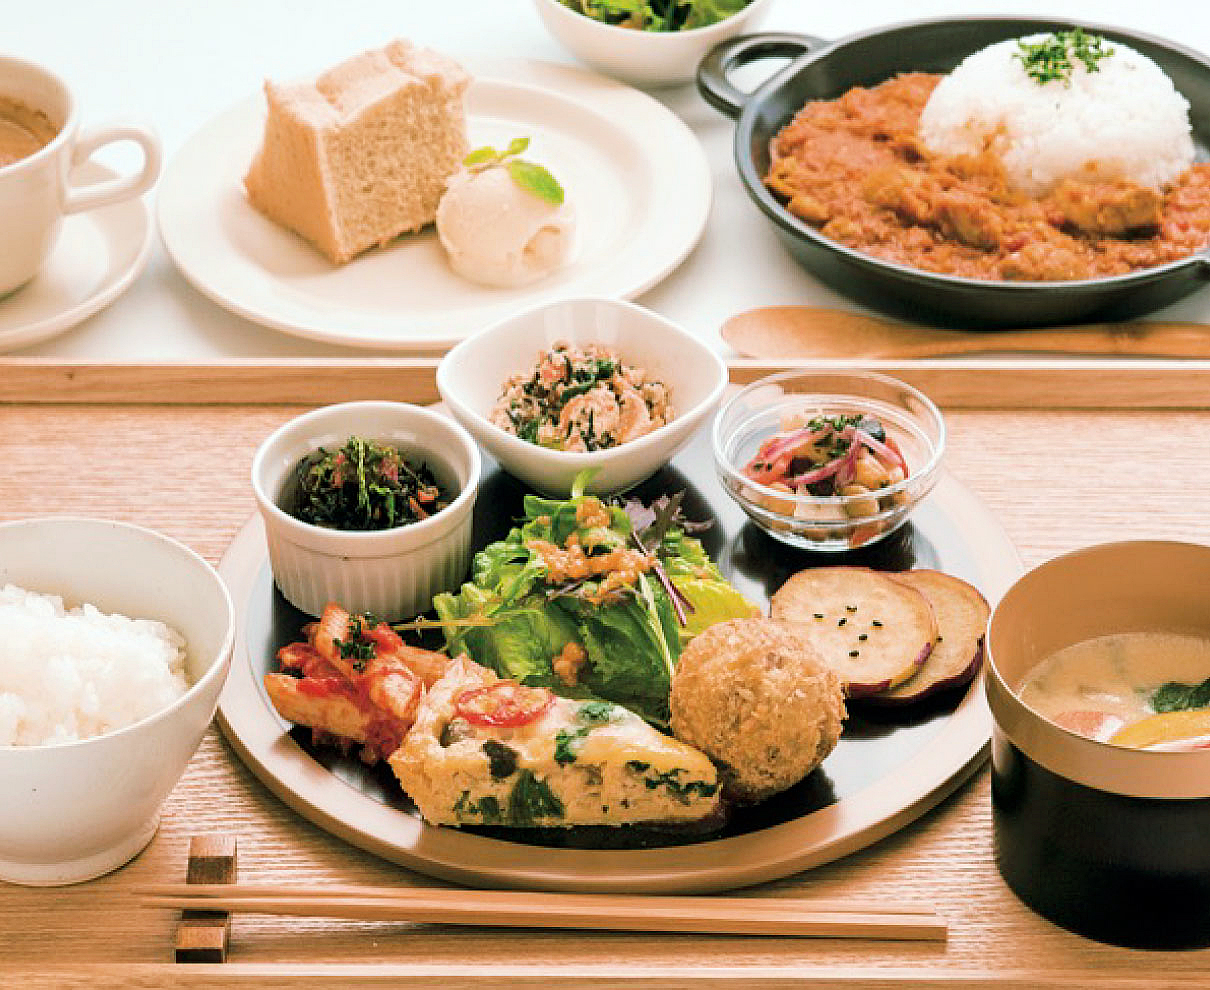 池田町『wacca cafe(わっかかふぇ)』で、のんびり「月替わりランチプレート」を楽しむ癒しの時間。